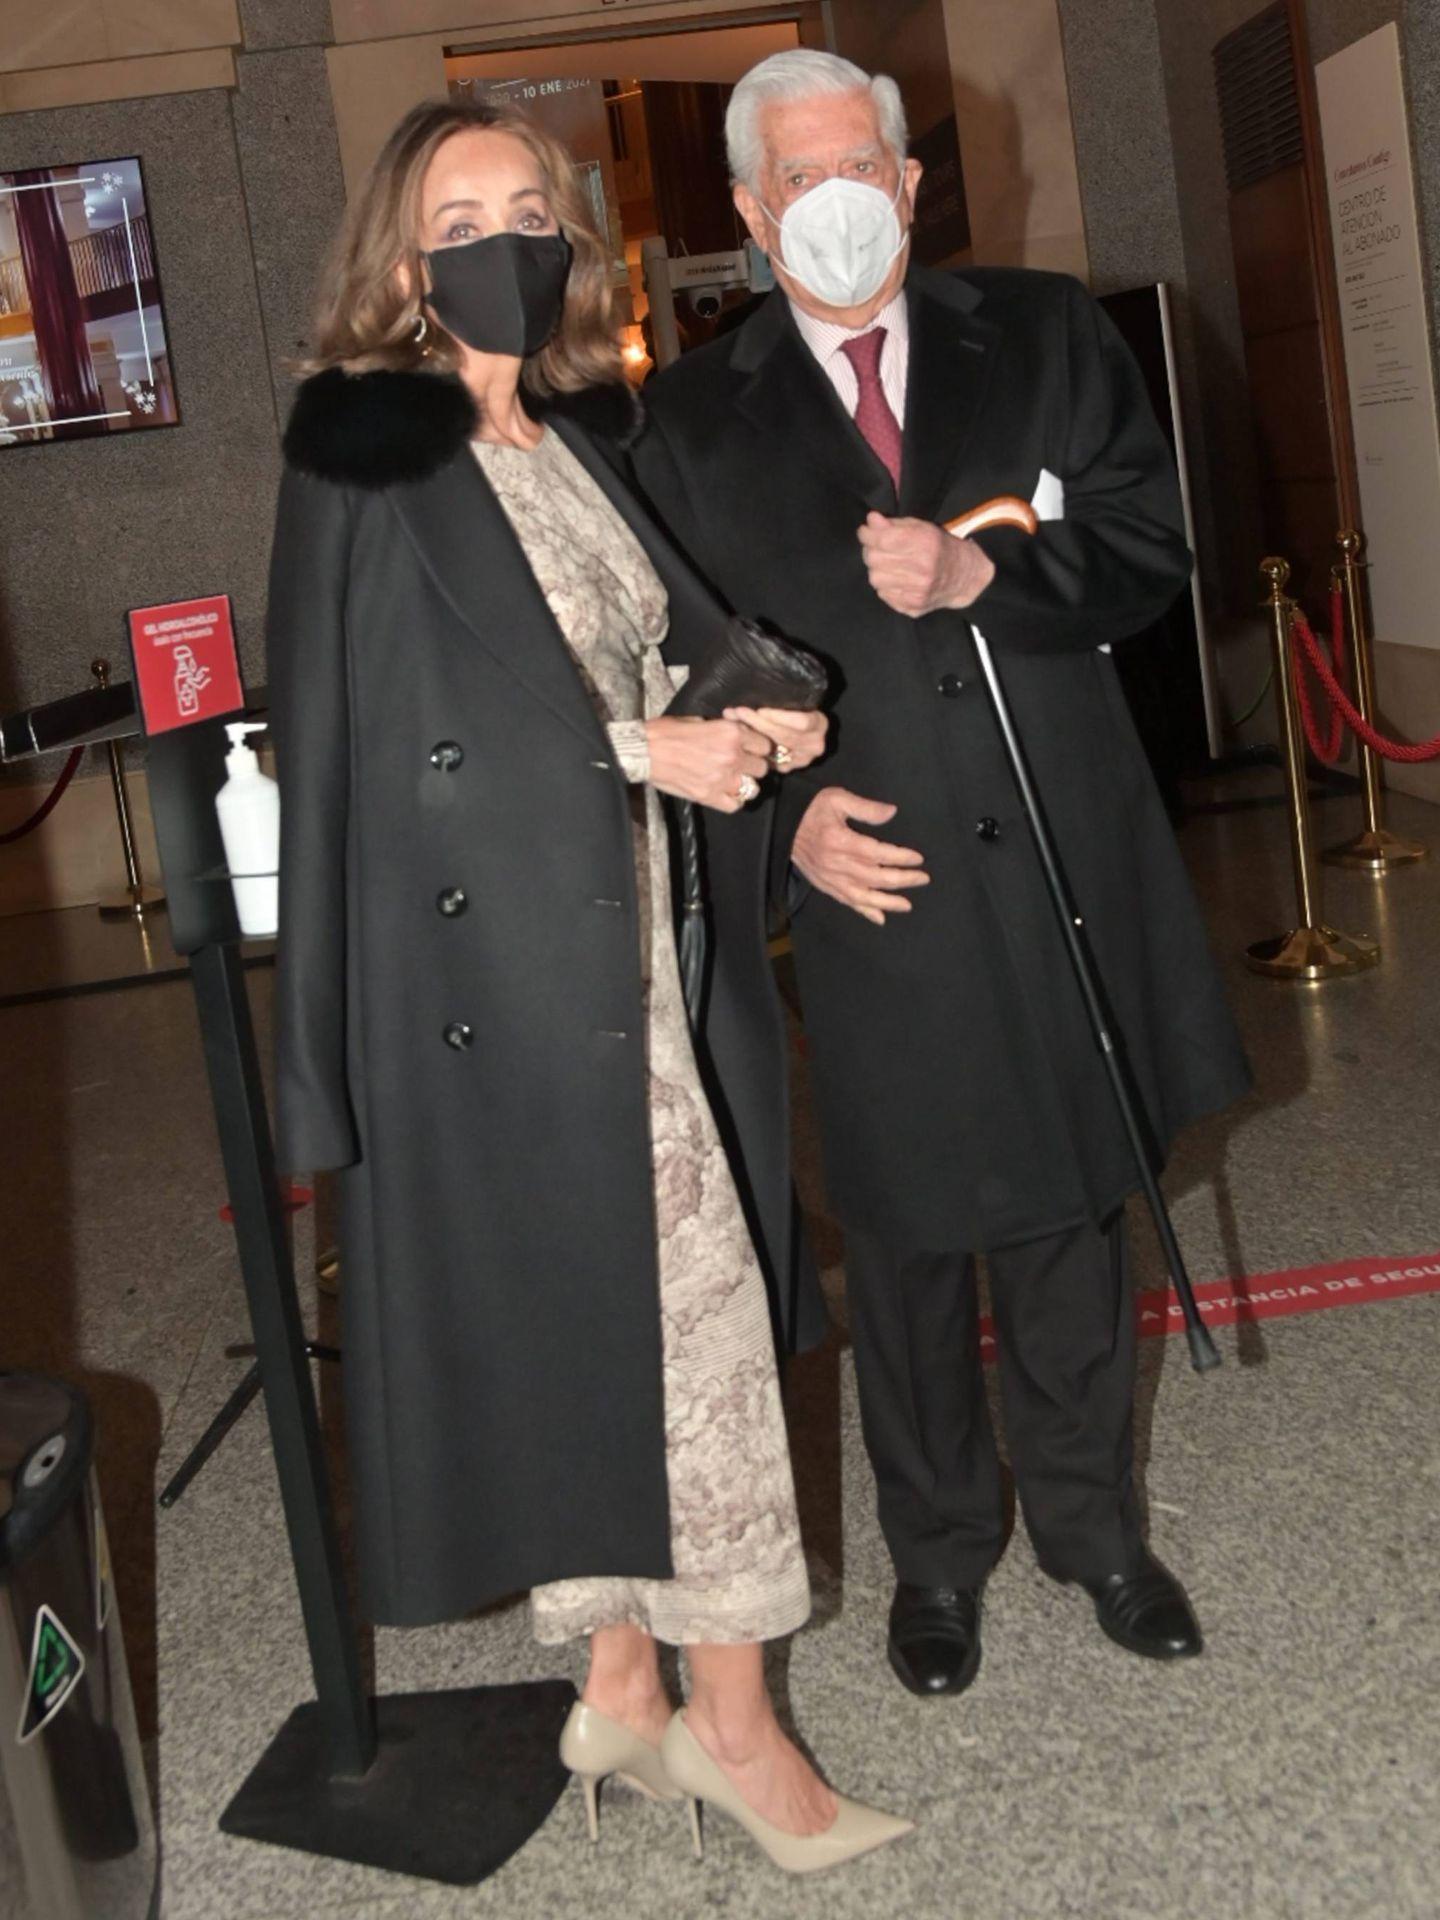 Isabel Preysler y Mario Vargas Llosa entrando al Teatro Real. (Cordon Press)